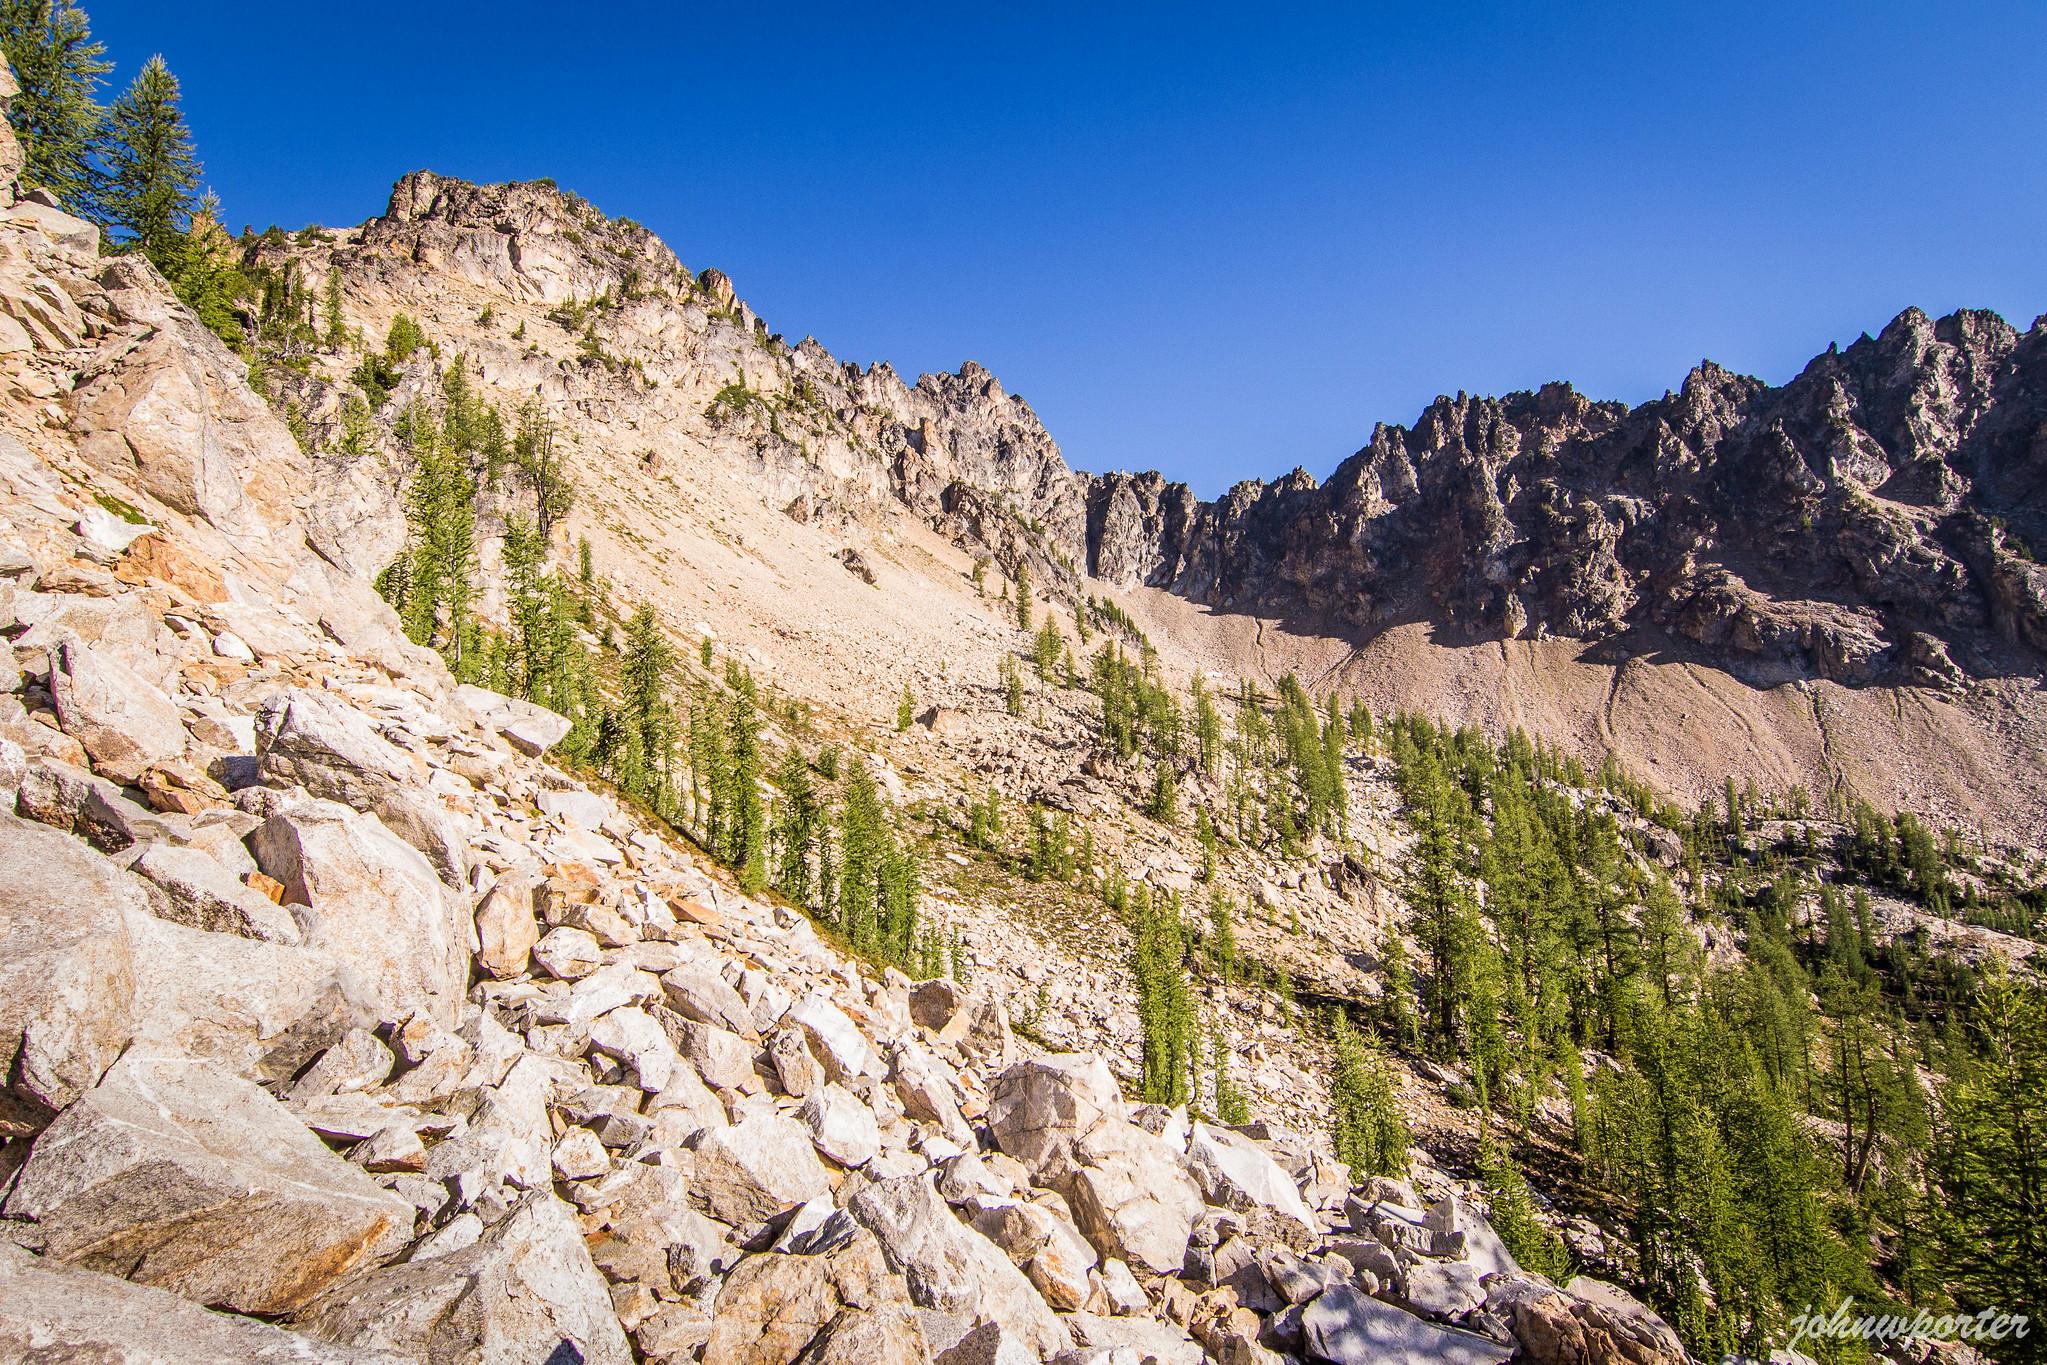 Tupshin Peak at last